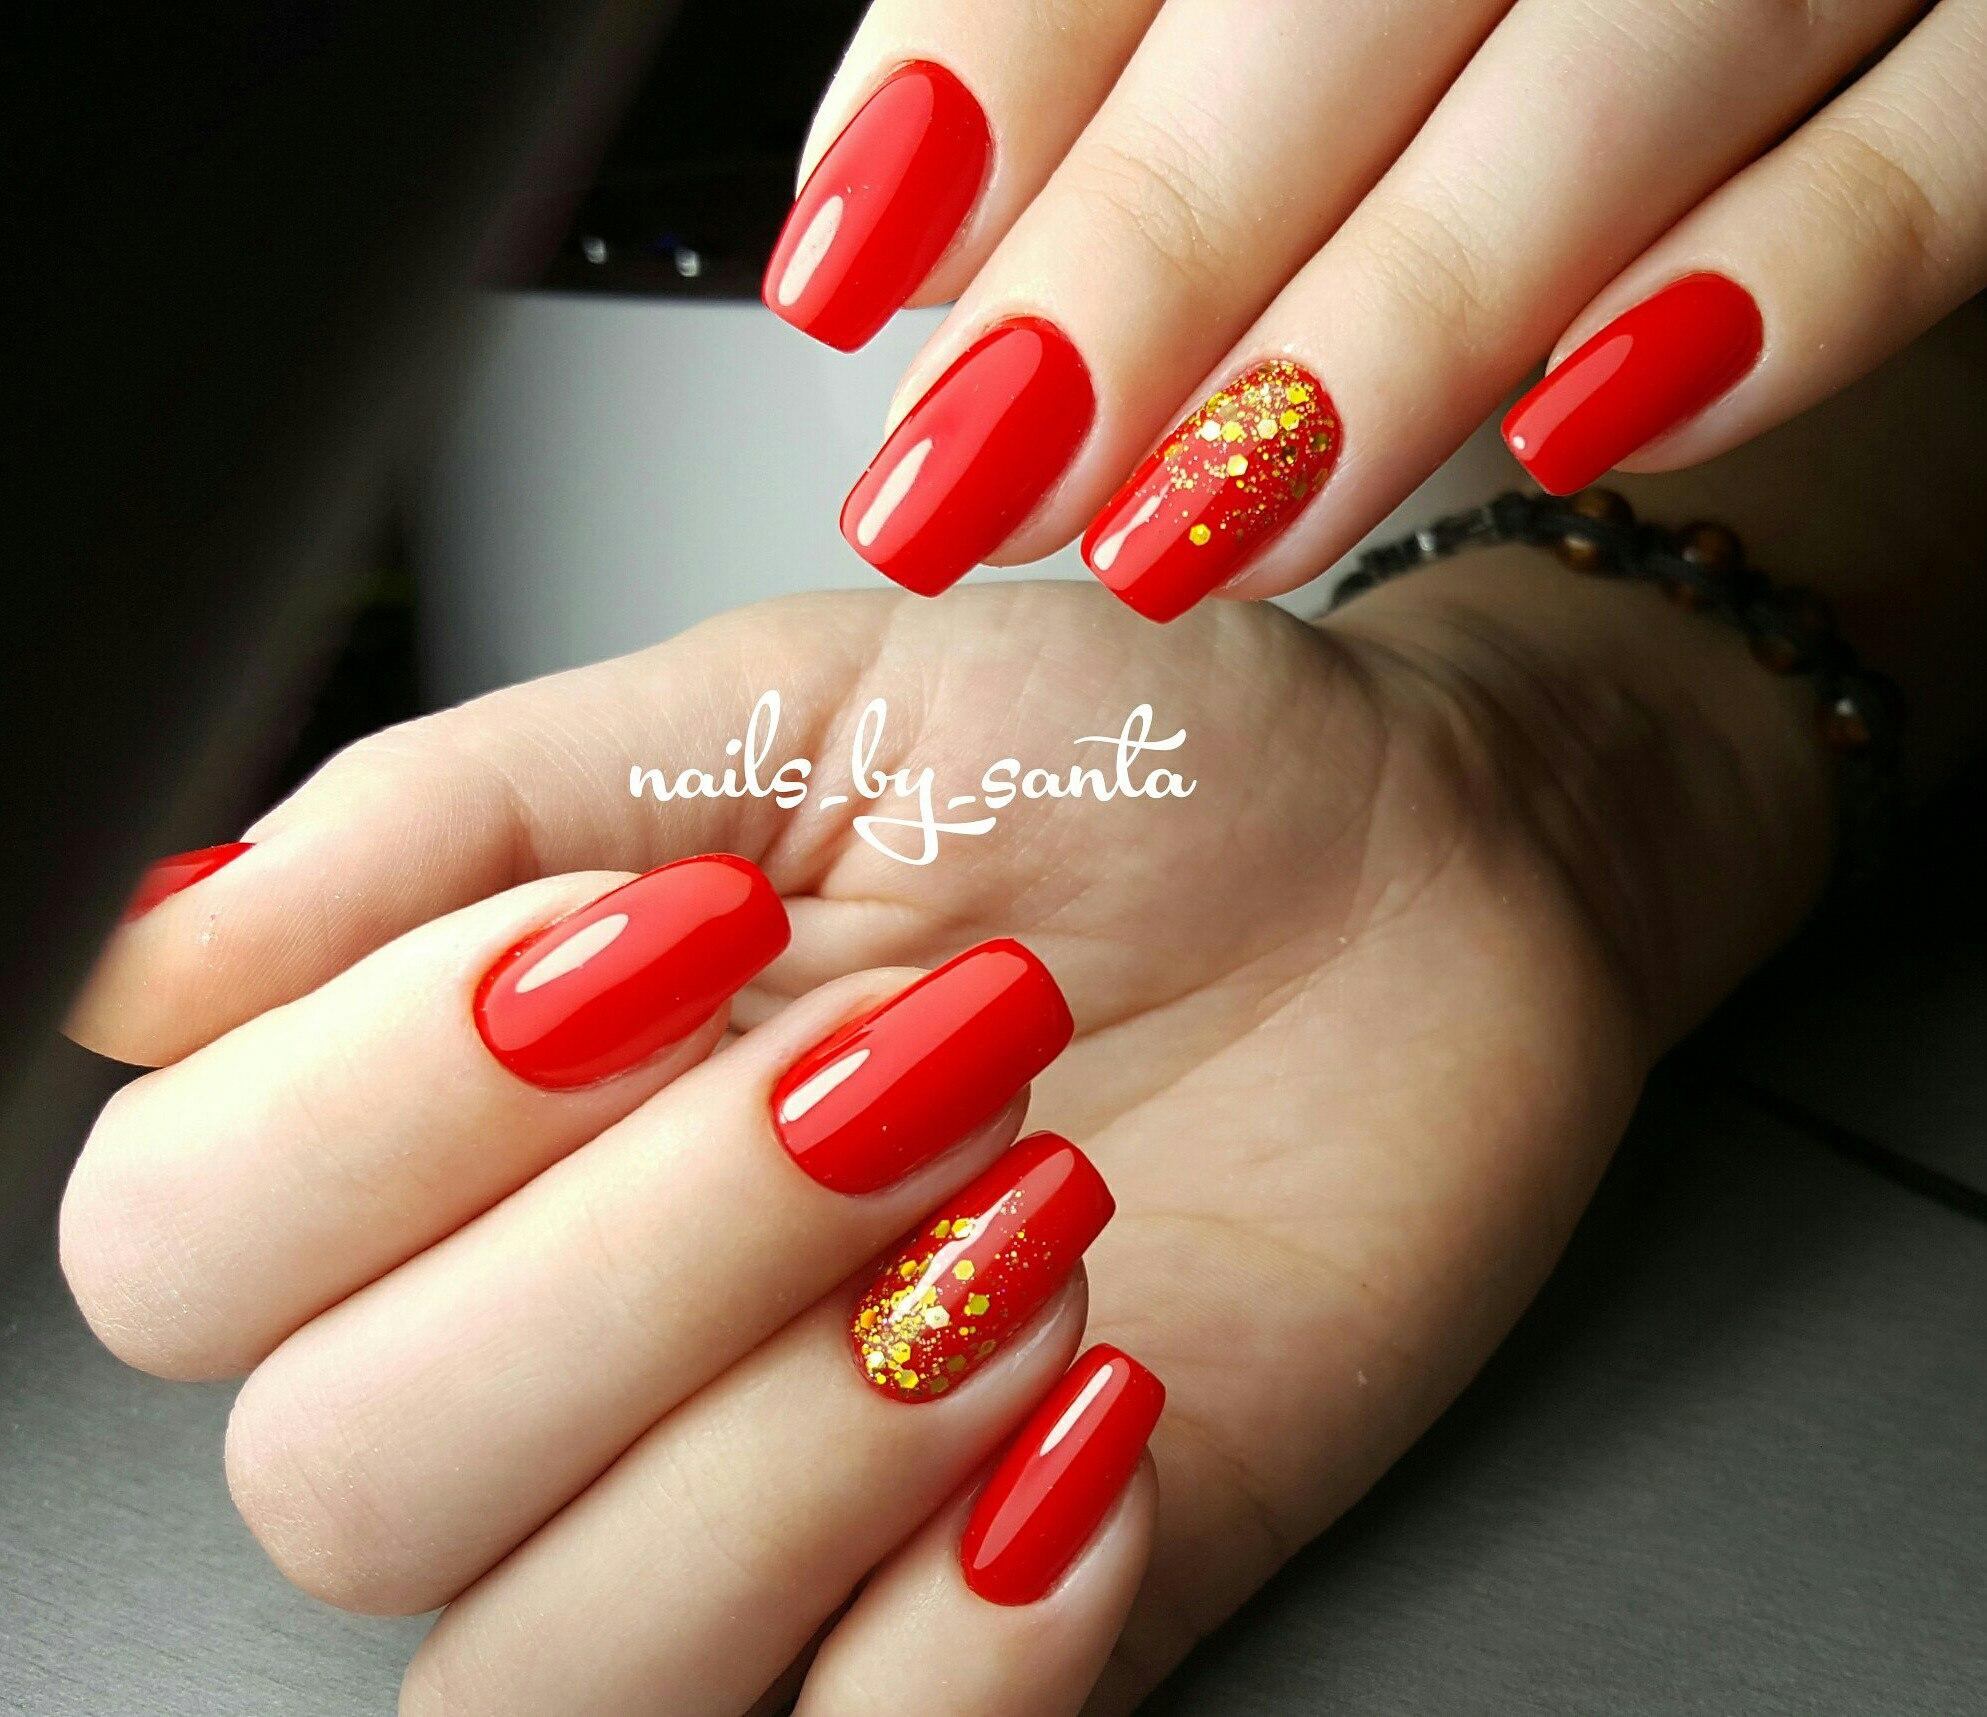 Фото красного маникюра на нарощенных ногтях